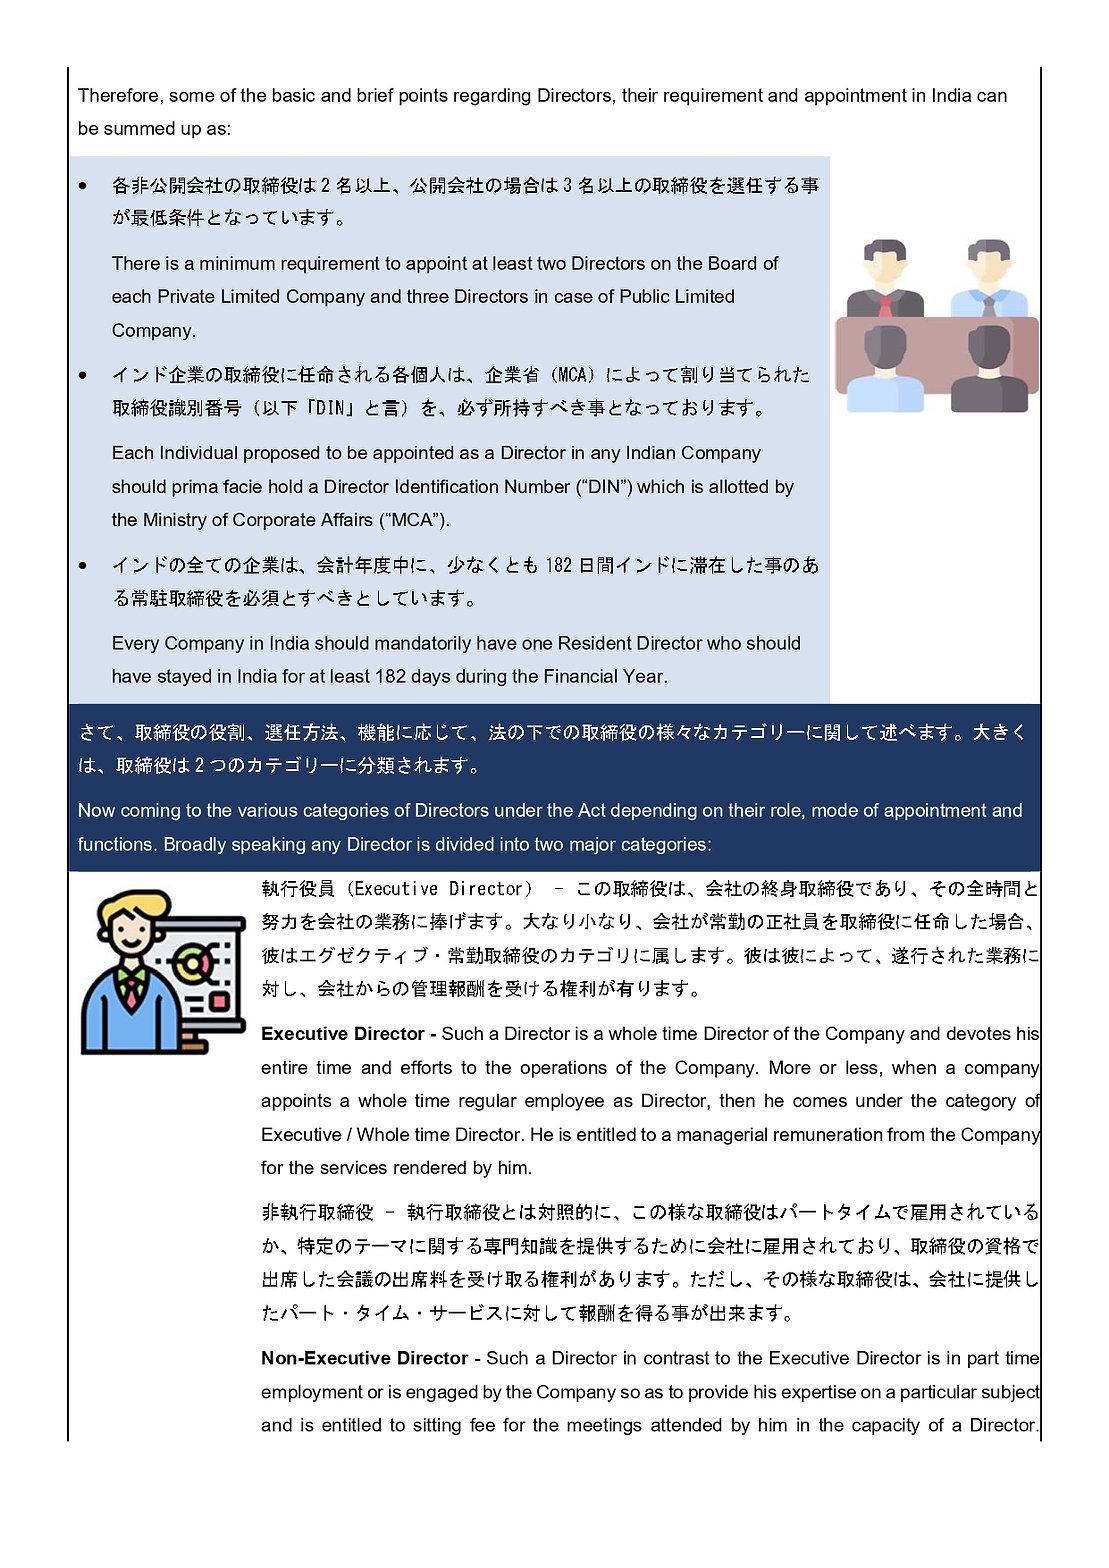 インド会社法に基づく取締役の任命_page-0002.jpg